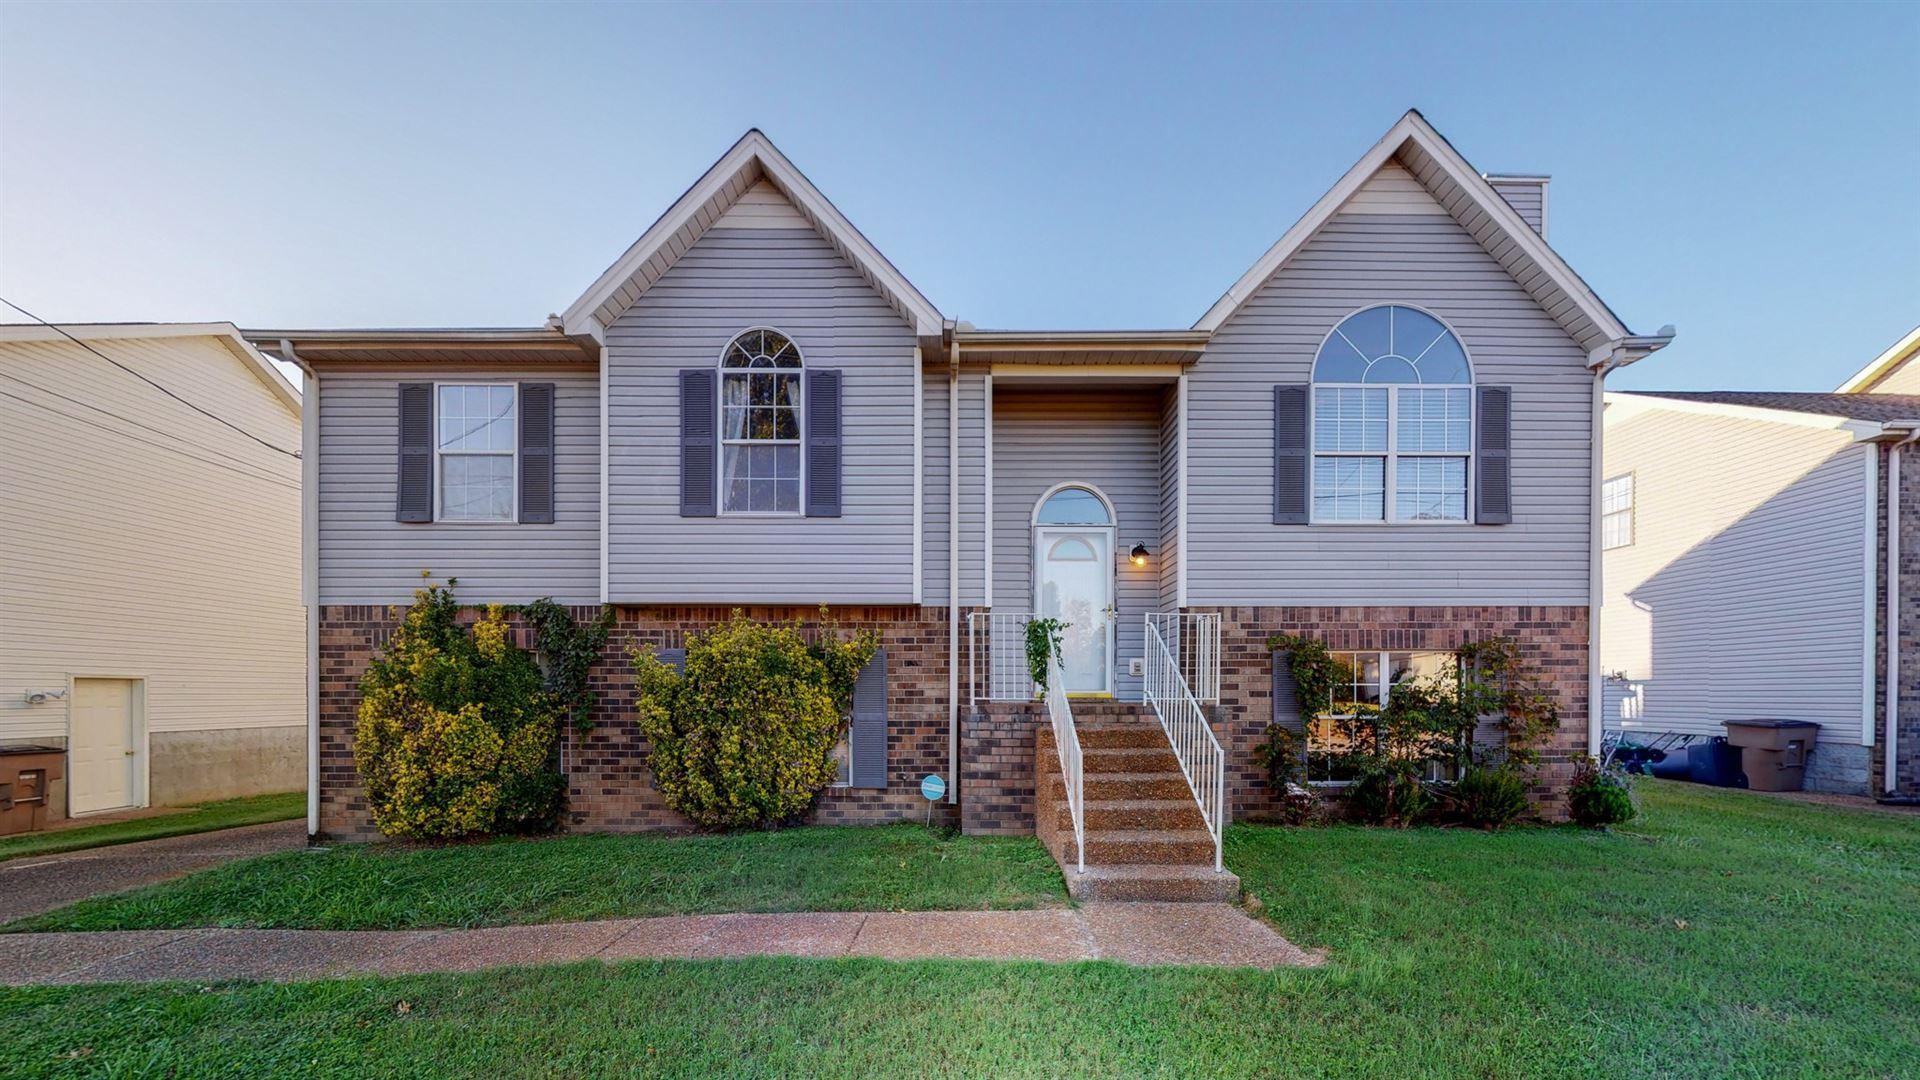 3224 Clapham Rd, Antioch, TN 37013 - MLS#: 2300536